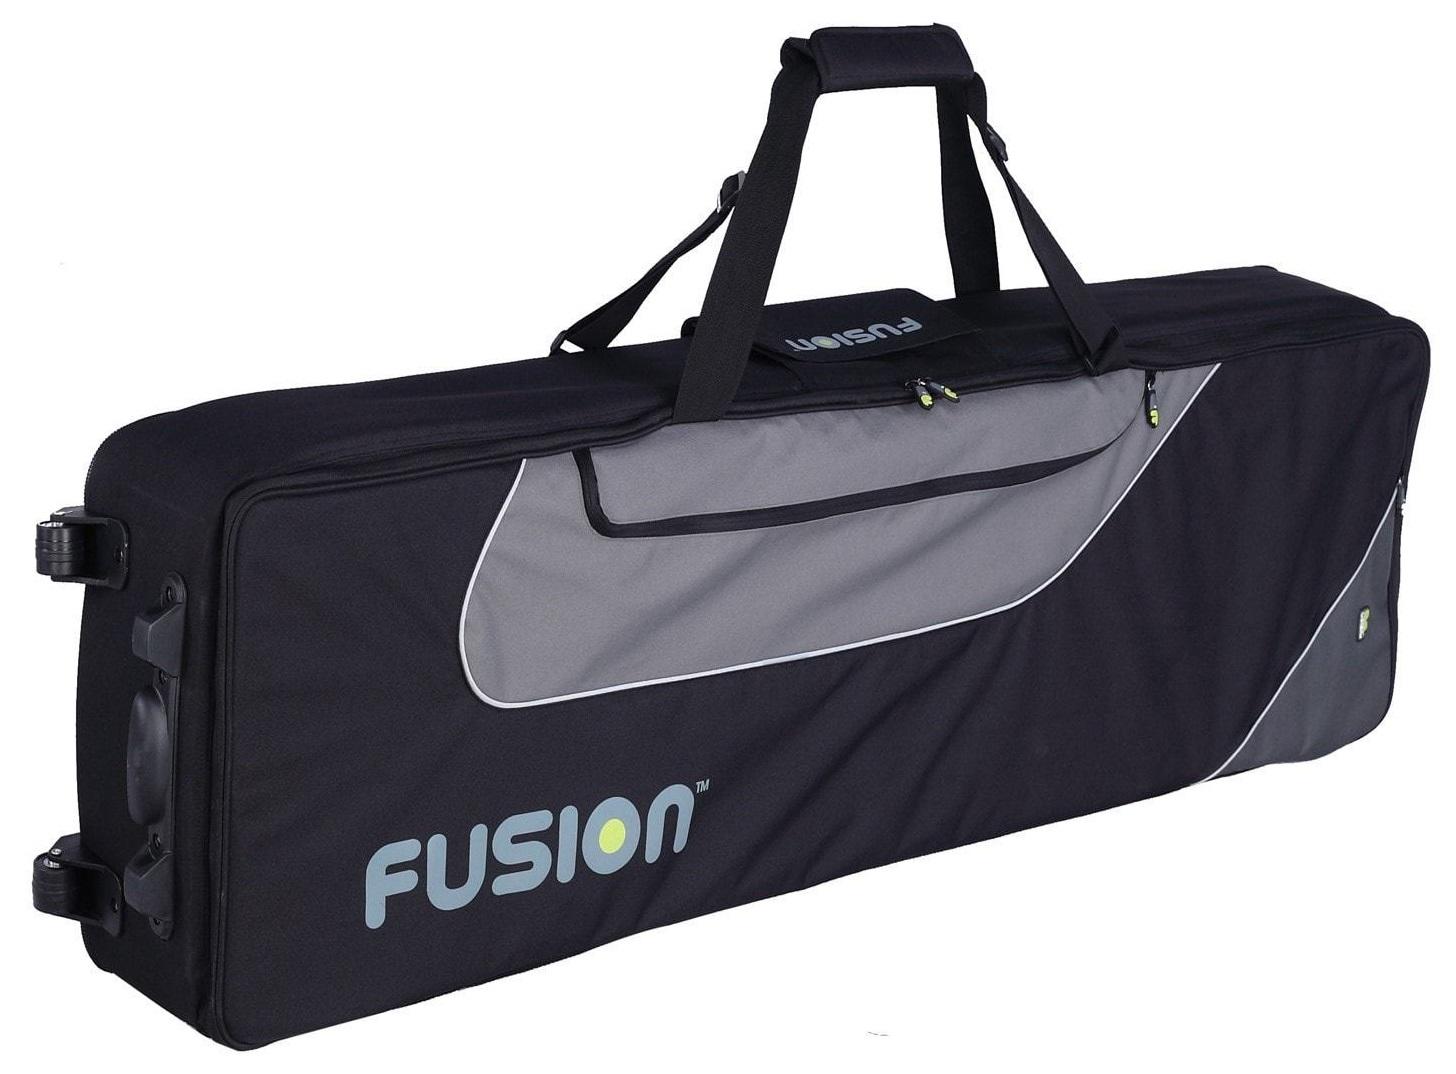 Fusion F3-26 K 13 B